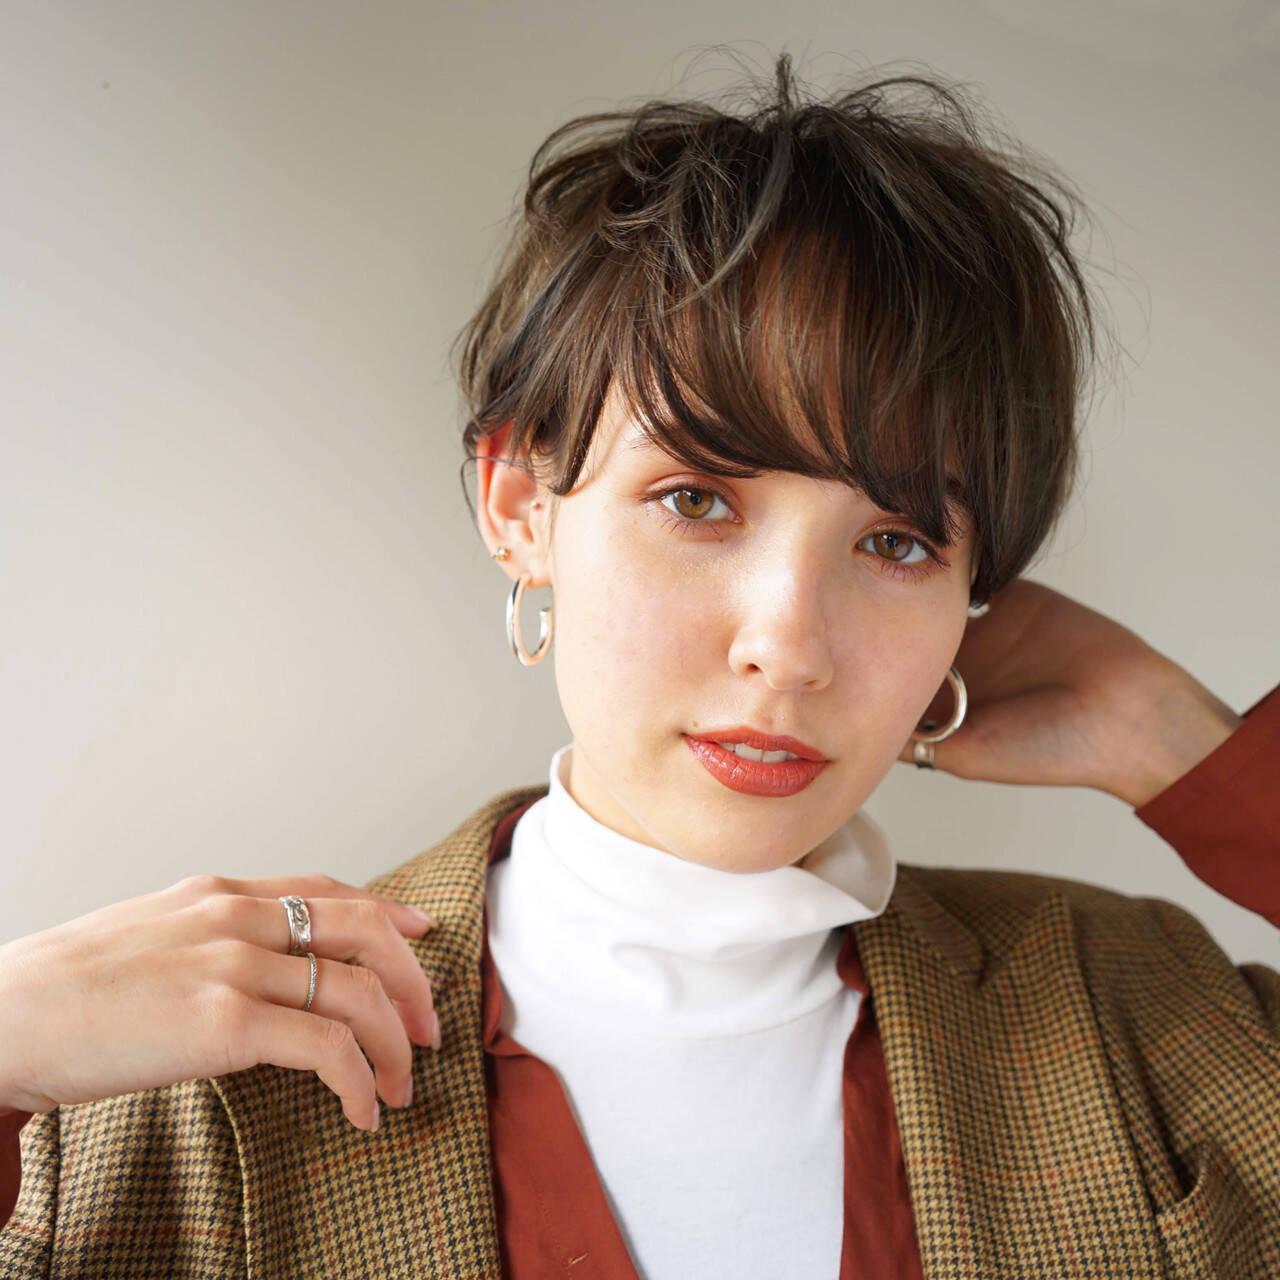 アンニュイほつれヘア ショート マッシュ ナチュラルヘアスタイルや髪型の写真・画像